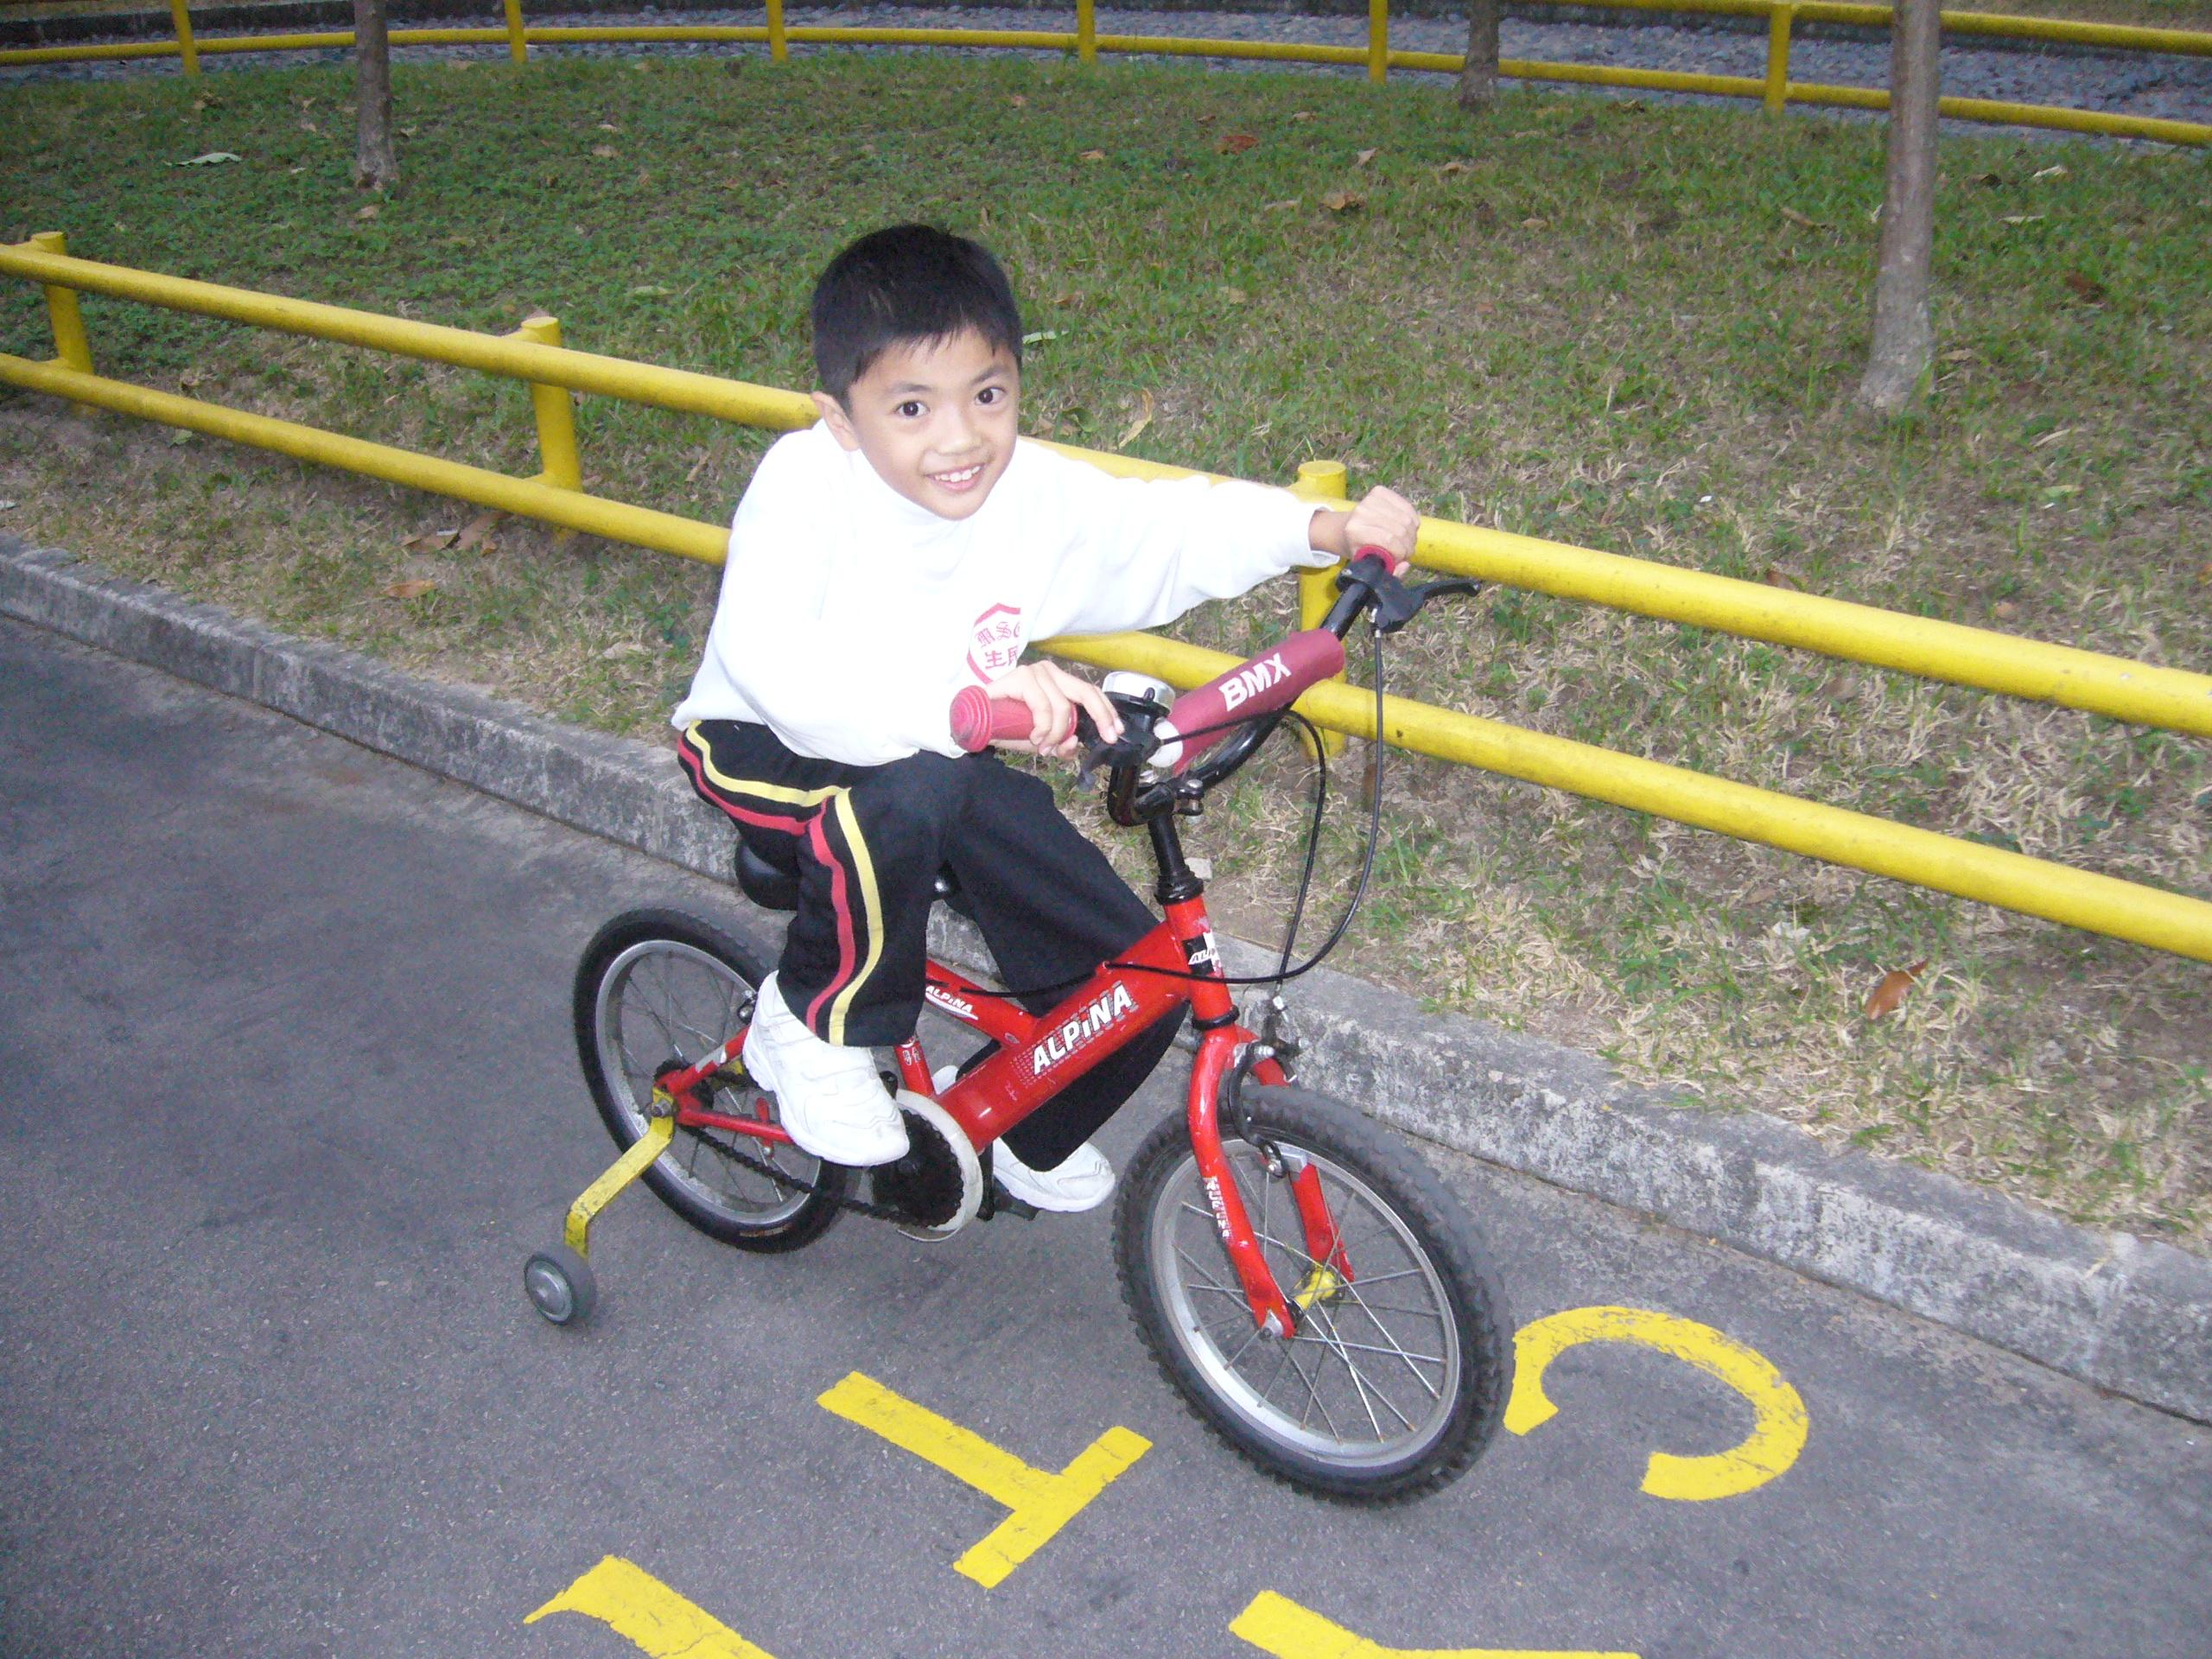 踏單車 | [組圖+影片] 的最新詳盡資料** (必看!!) - www.go2tutor.com